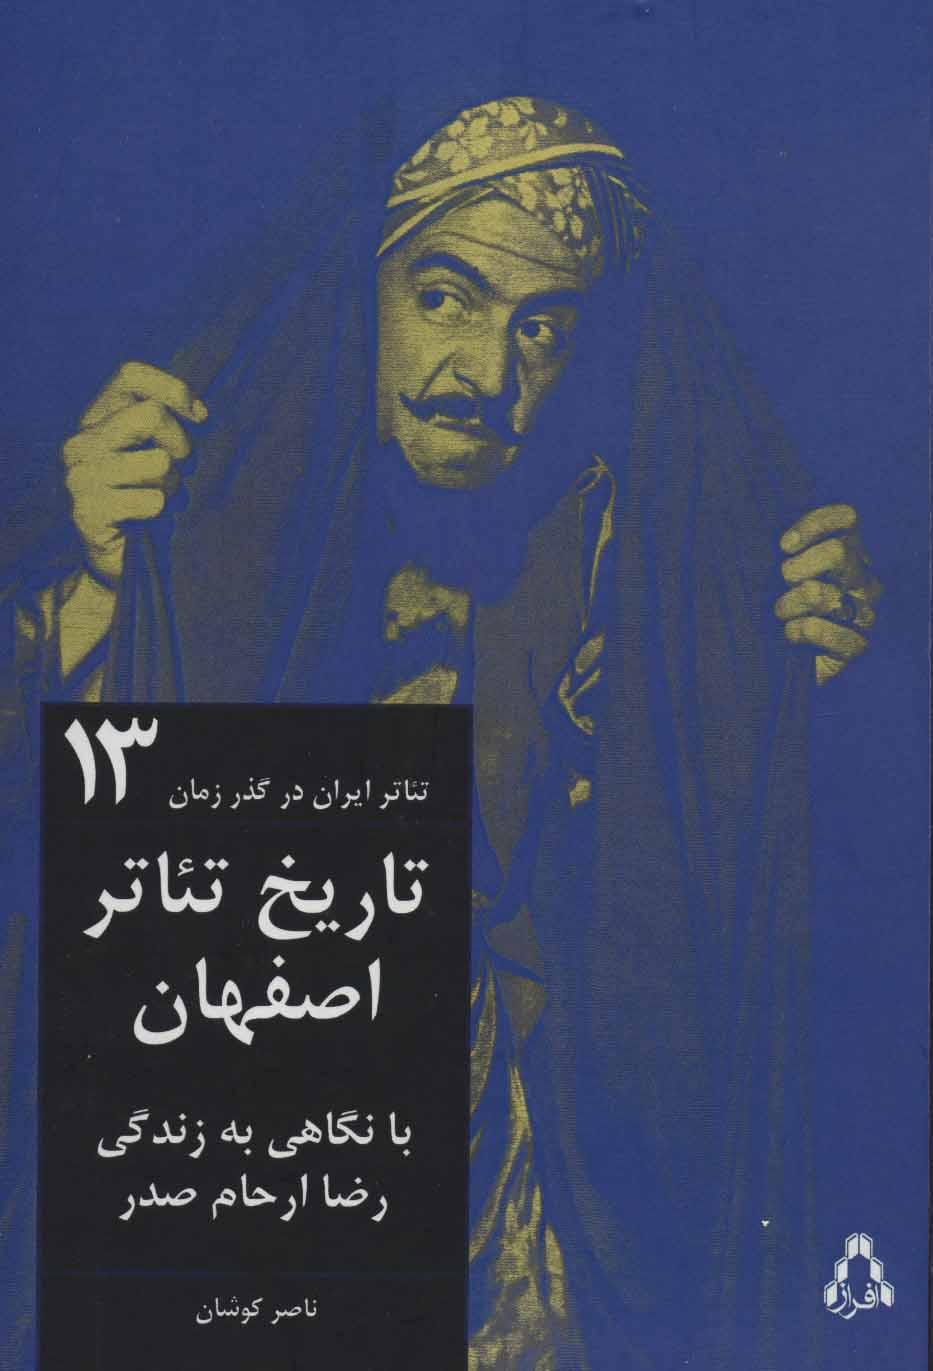 تاریخ تئاتر اصفهان:با نگاهی به زندگی رضا ارحام صدر (تئاتر ایران در گذر زمان13)